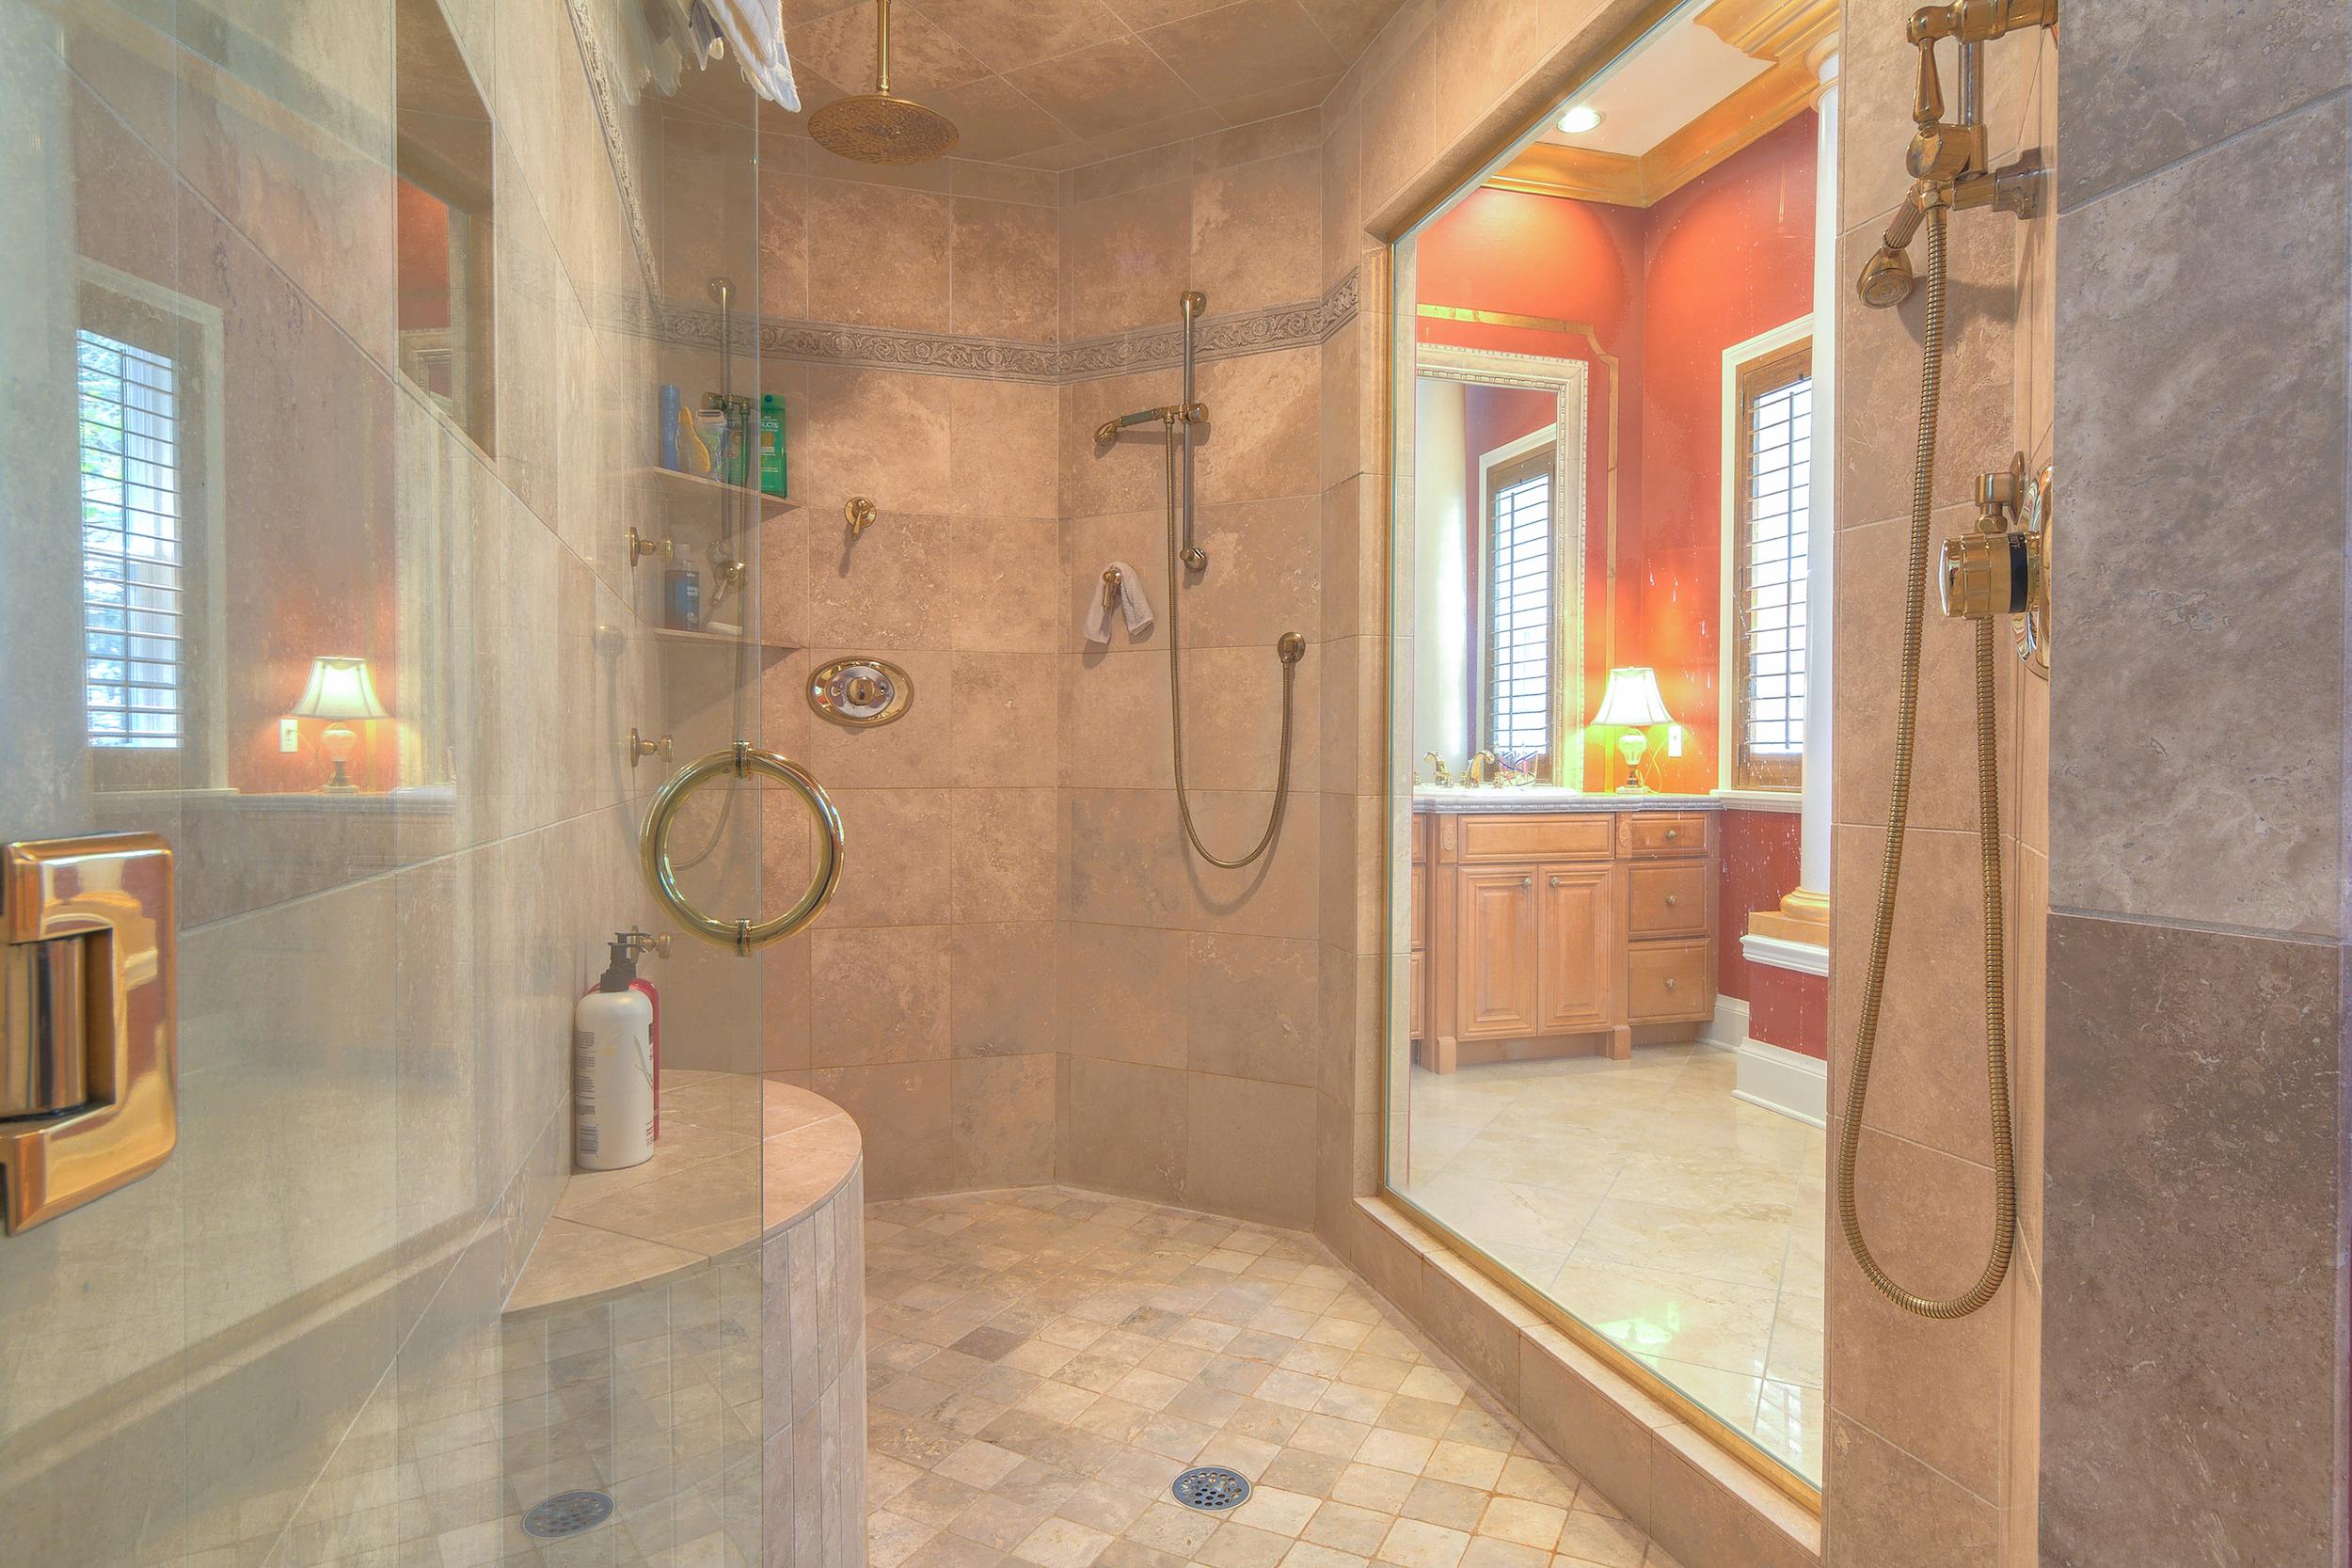 21 - Shower in Master Bath.jpg